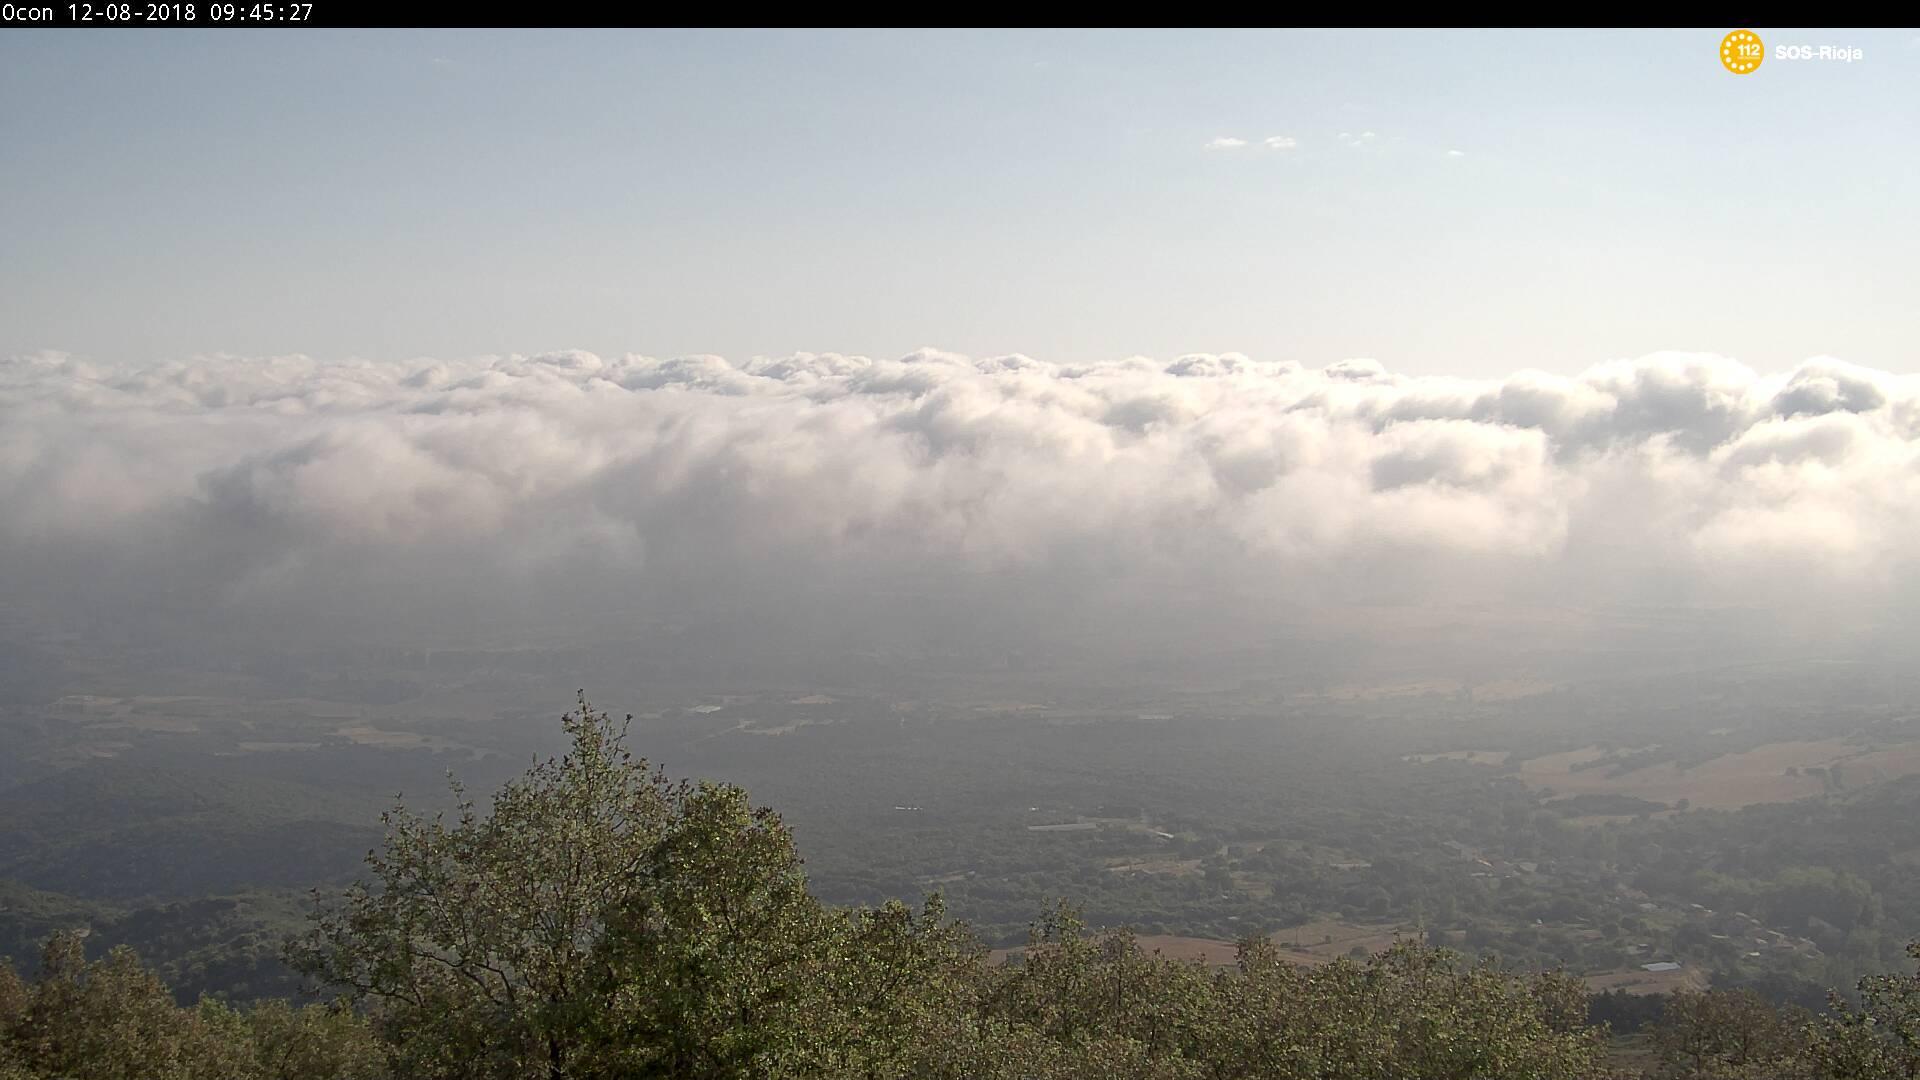 Imagen de las Web Cams de SOS Rioja. Meteosojuela